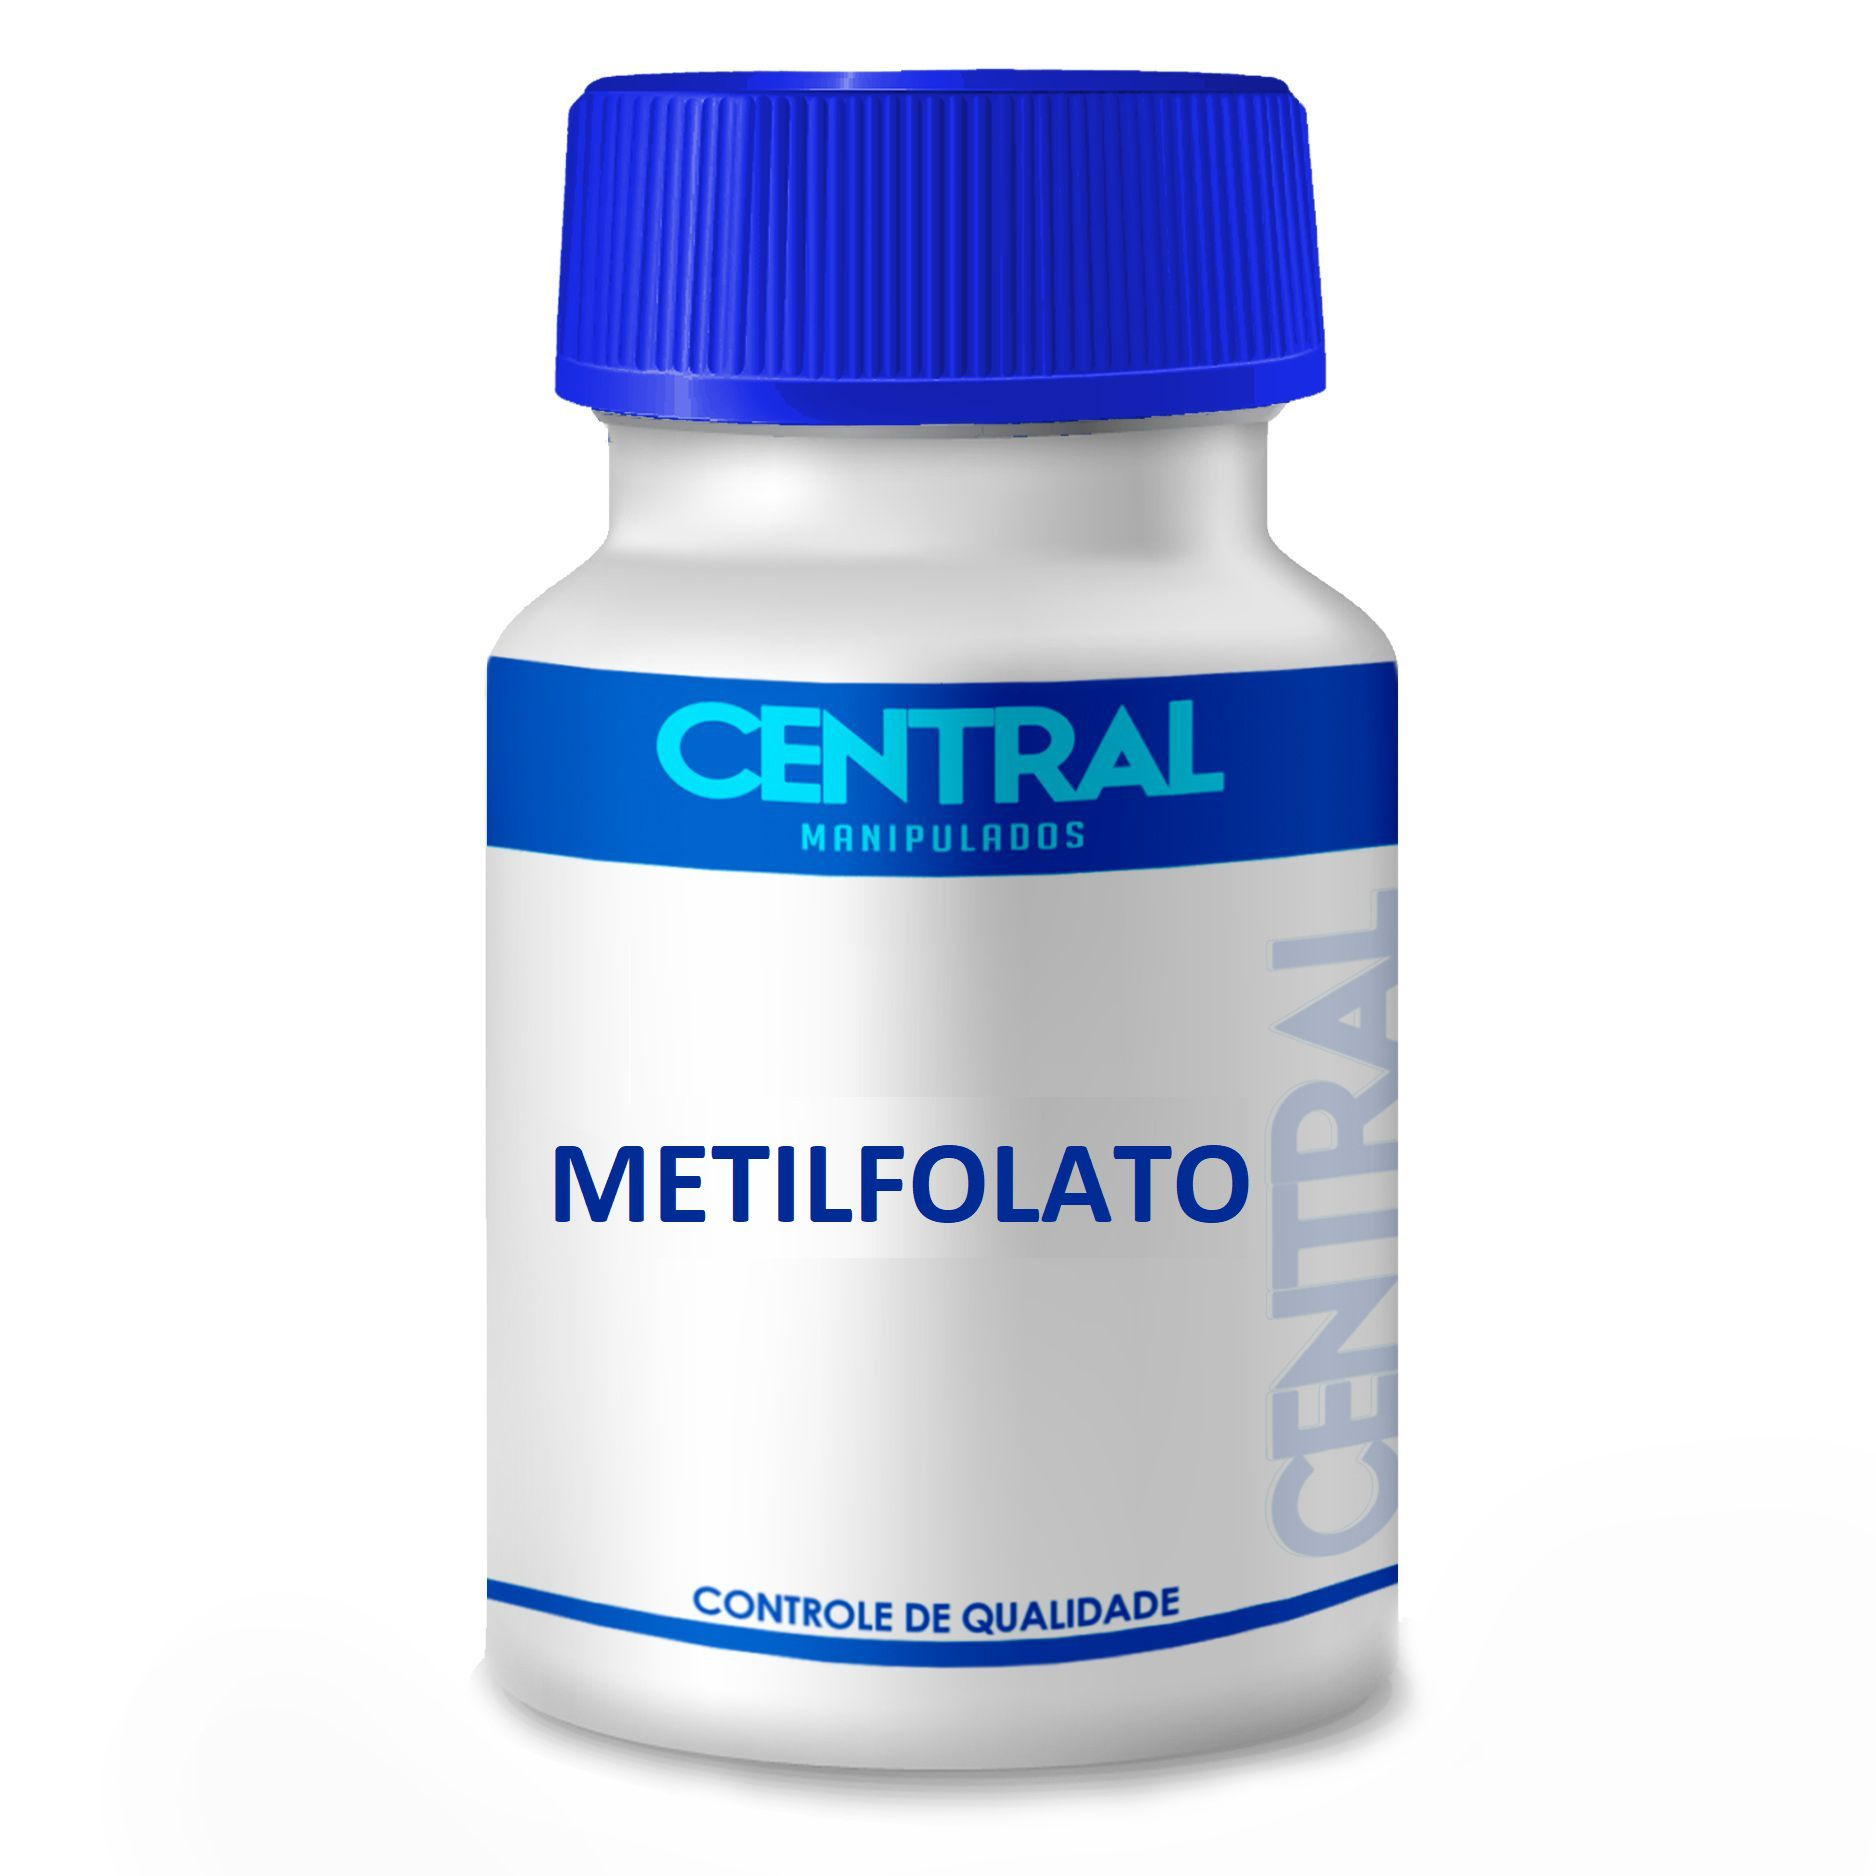 Metilfolato 800 mcg 60 cápsulas - Forma Ativa do Ácido Fólico